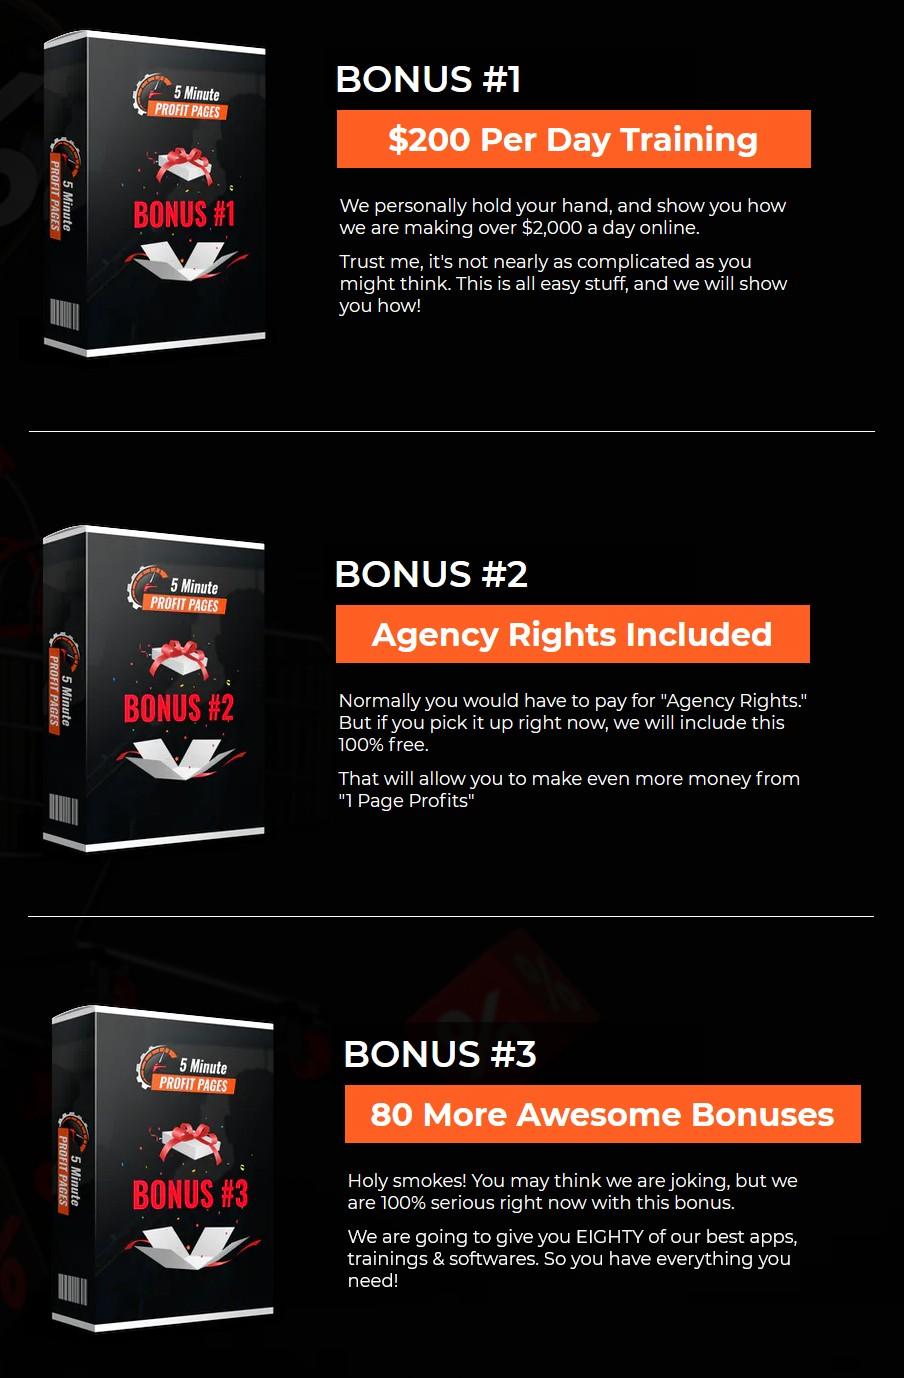 5-Minute-Profit-Pages-bonus